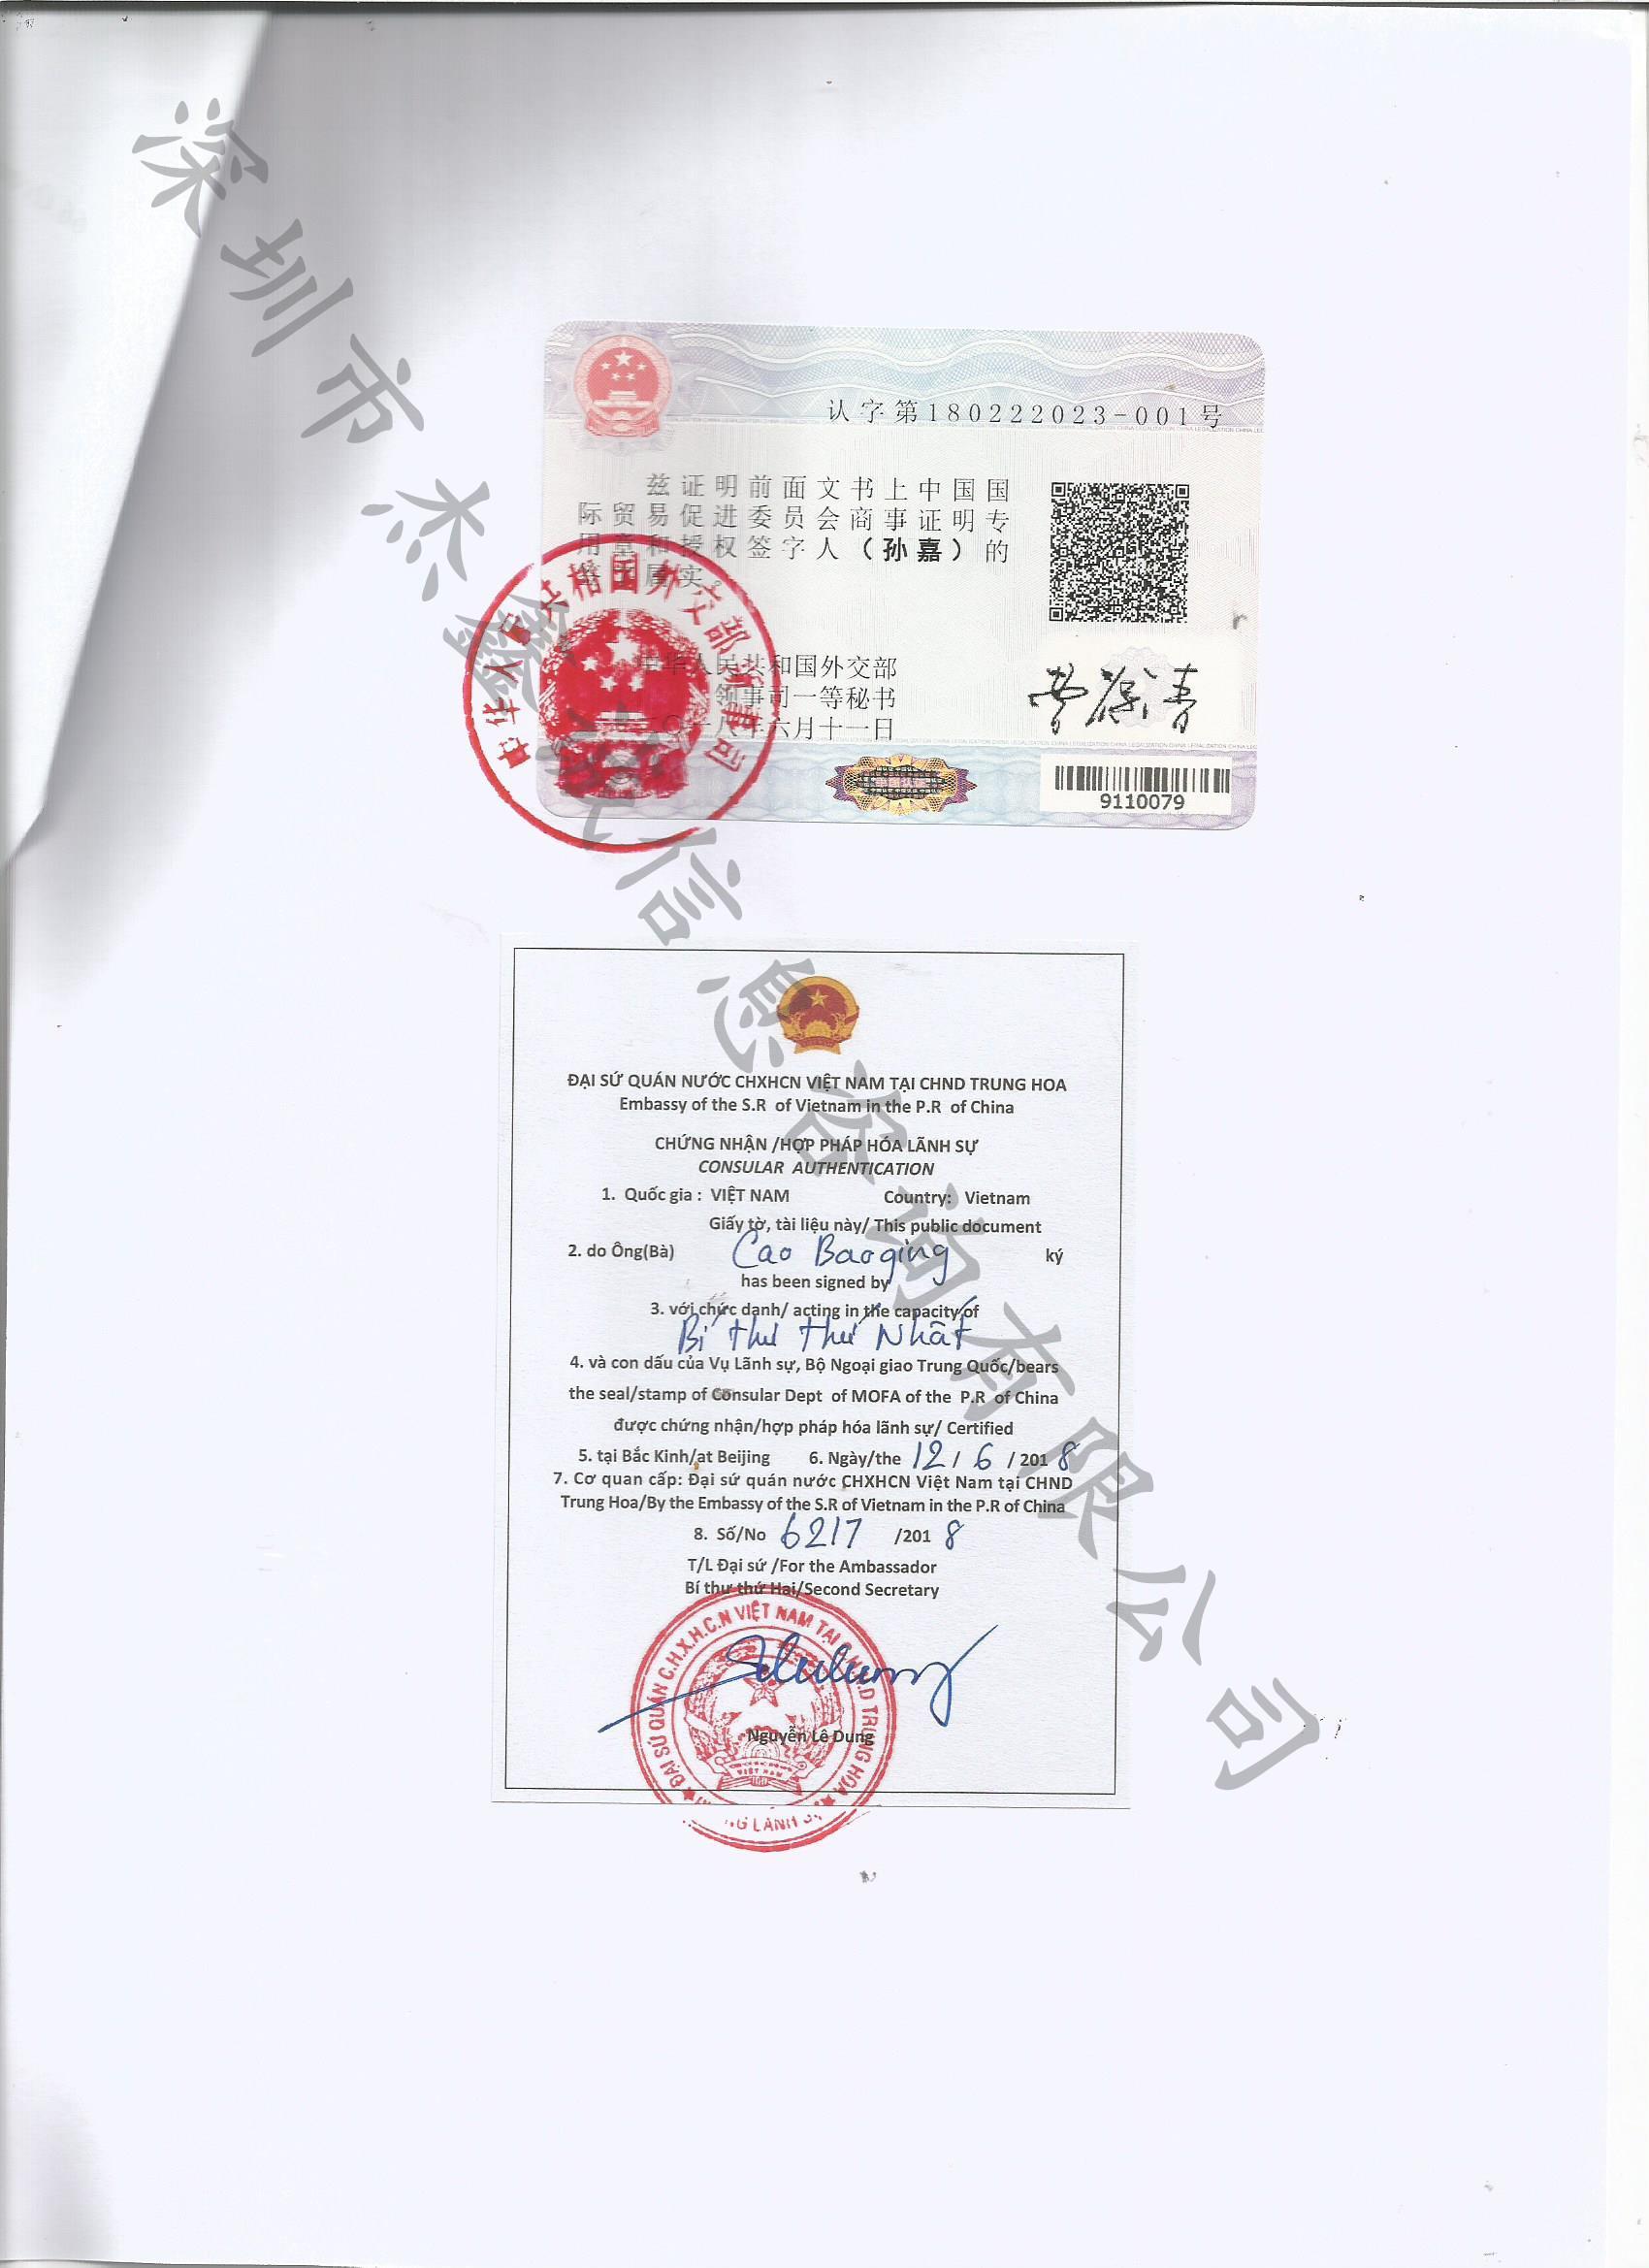 越南(Vietnam)领事馆认证公证书难不难申请